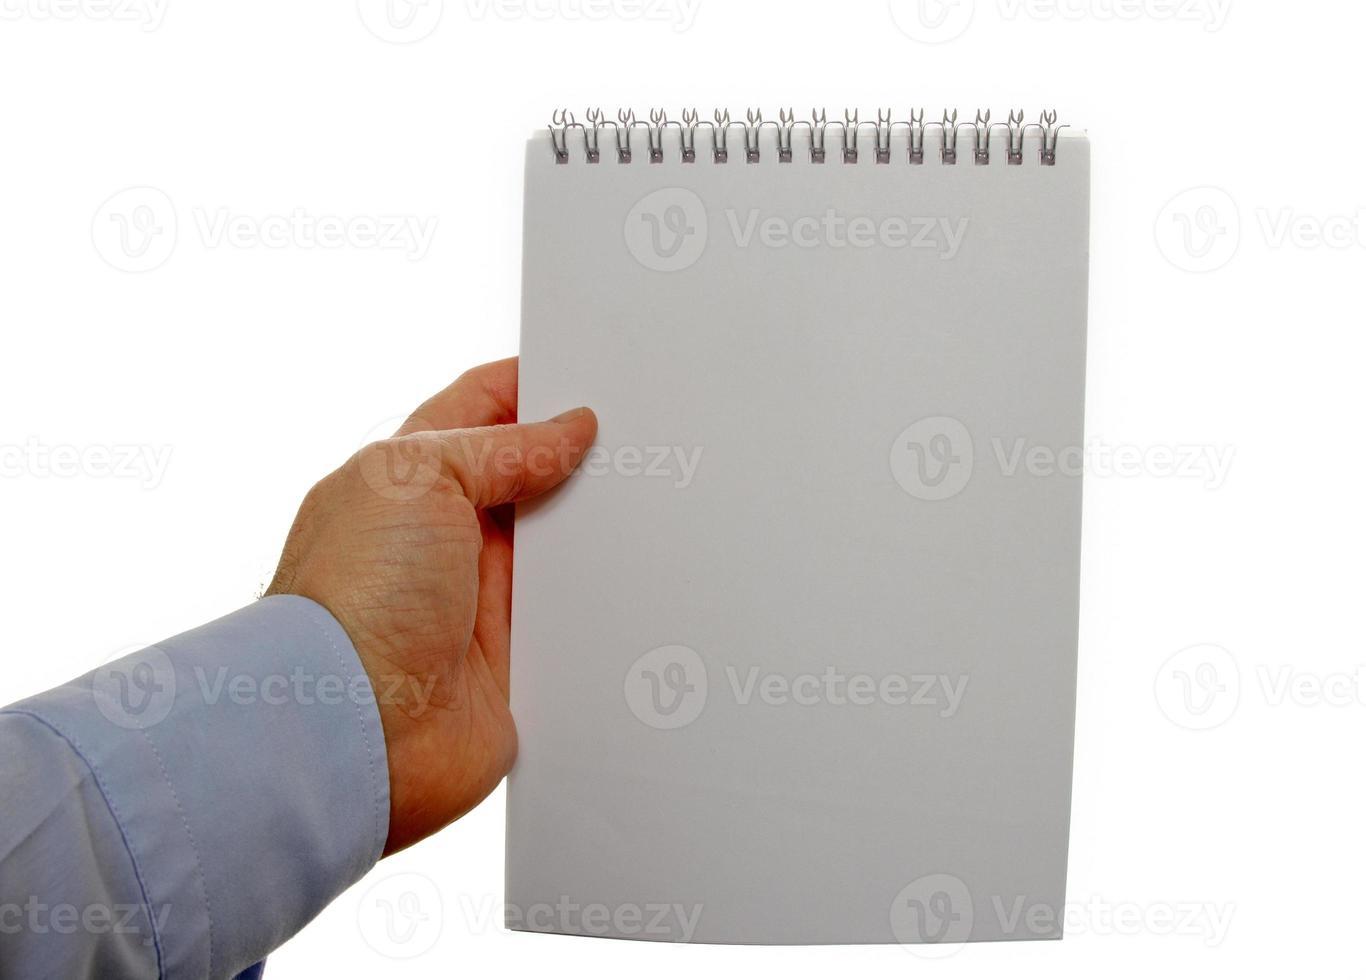 Checkliste Notizbuch halten foto